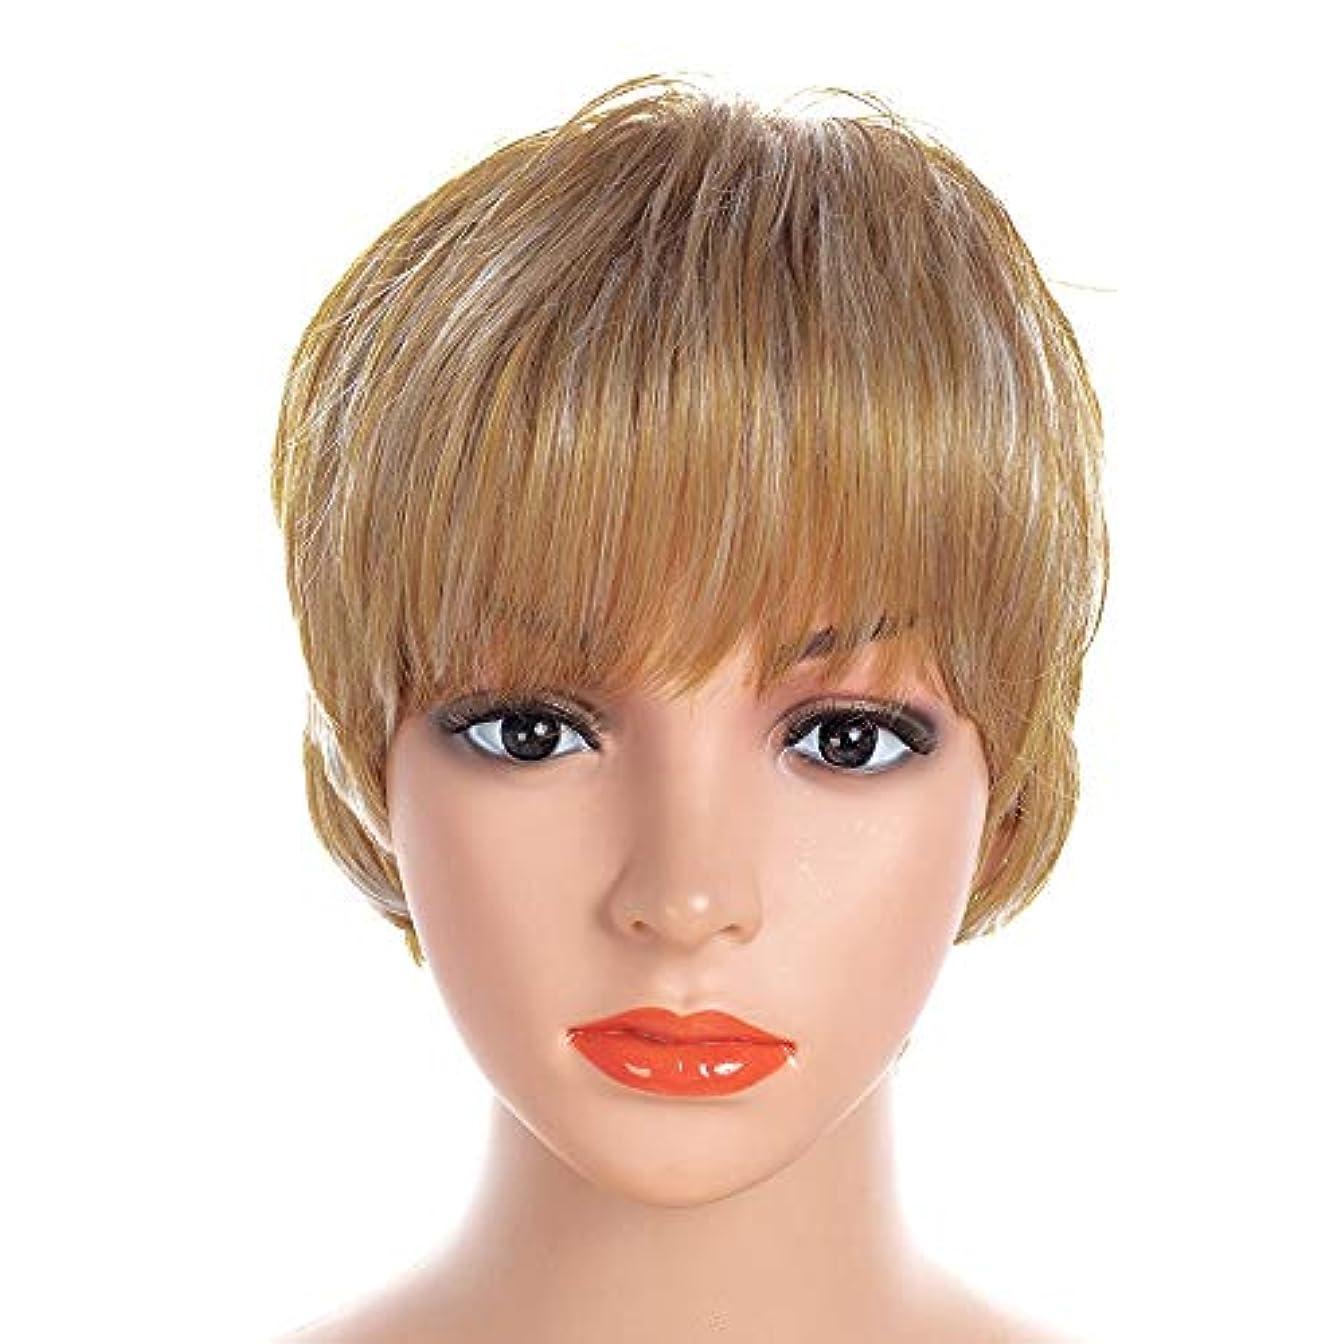 限りなくクレアカーフYOUQIU 上品なボブスタイルCospalyパーティーヘアウィッグかつらでレディースショートカーリーブロンドのかつら (色 : Blonde, サイズ : 30cm)